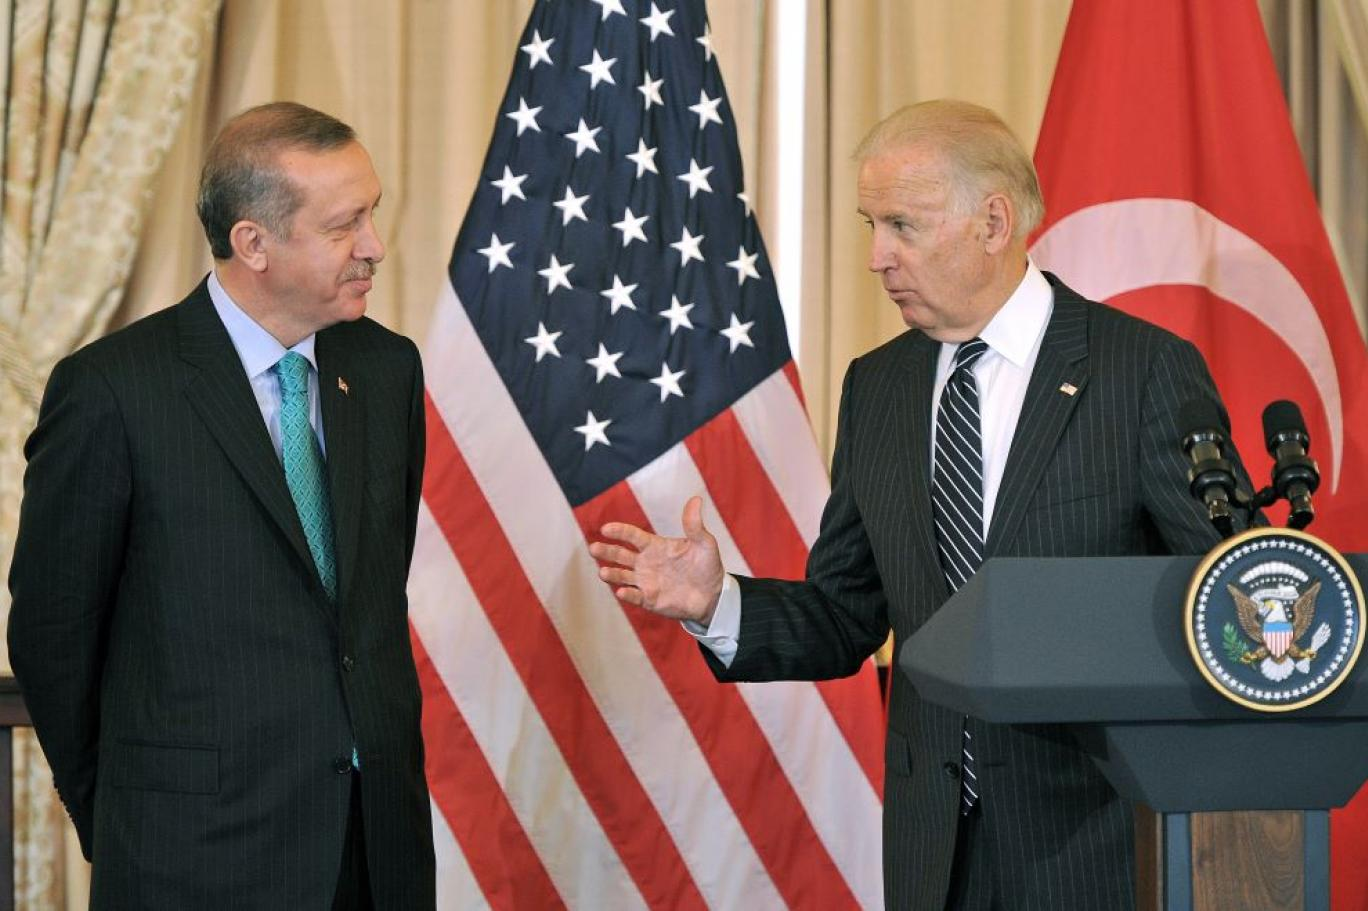 Erdoğan'ın Beyaz Saray'ın sempatisini kazanma çabaları başarısız oldu mu?